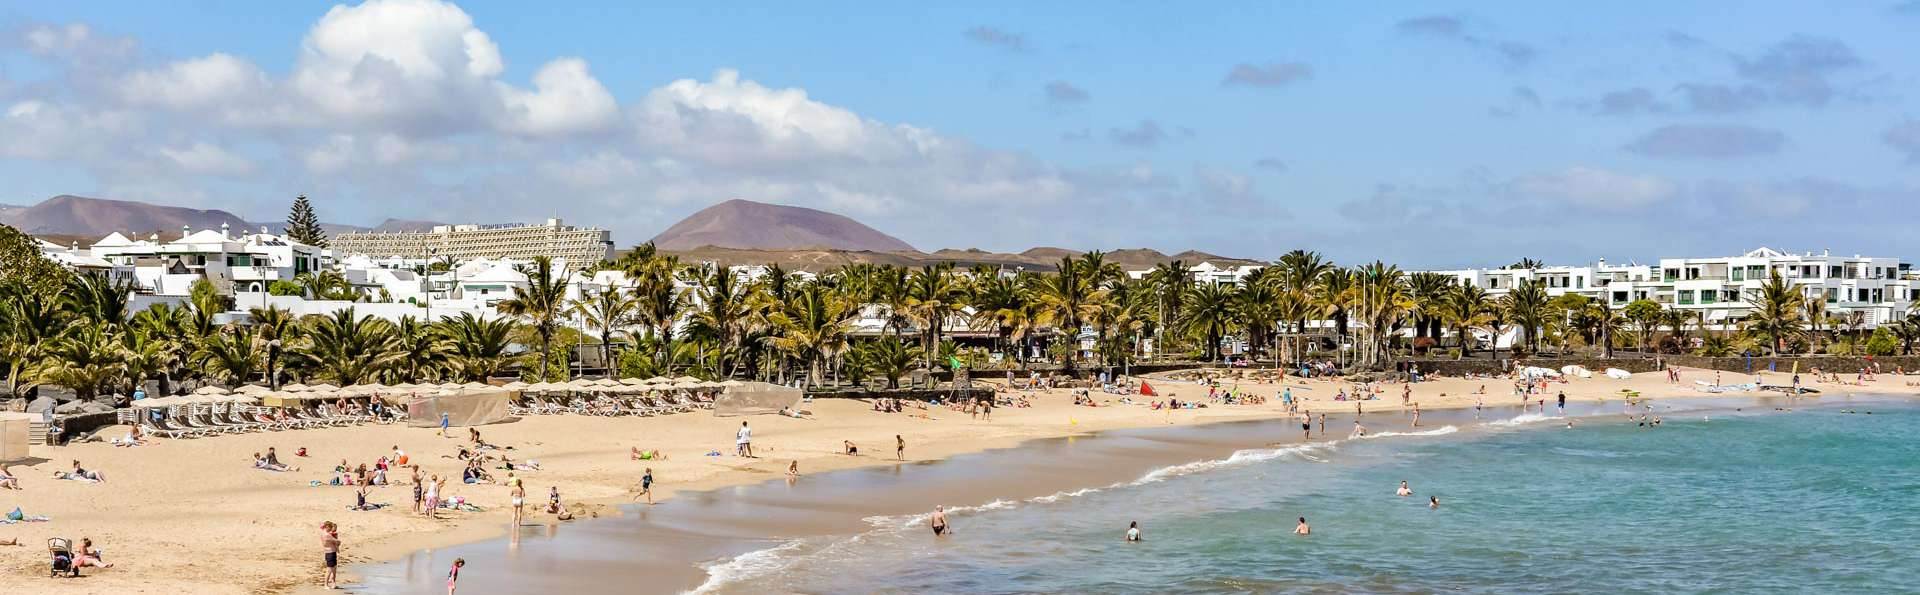 Escapada con Todo Incluido en Costa Teguise, en Lanzarote